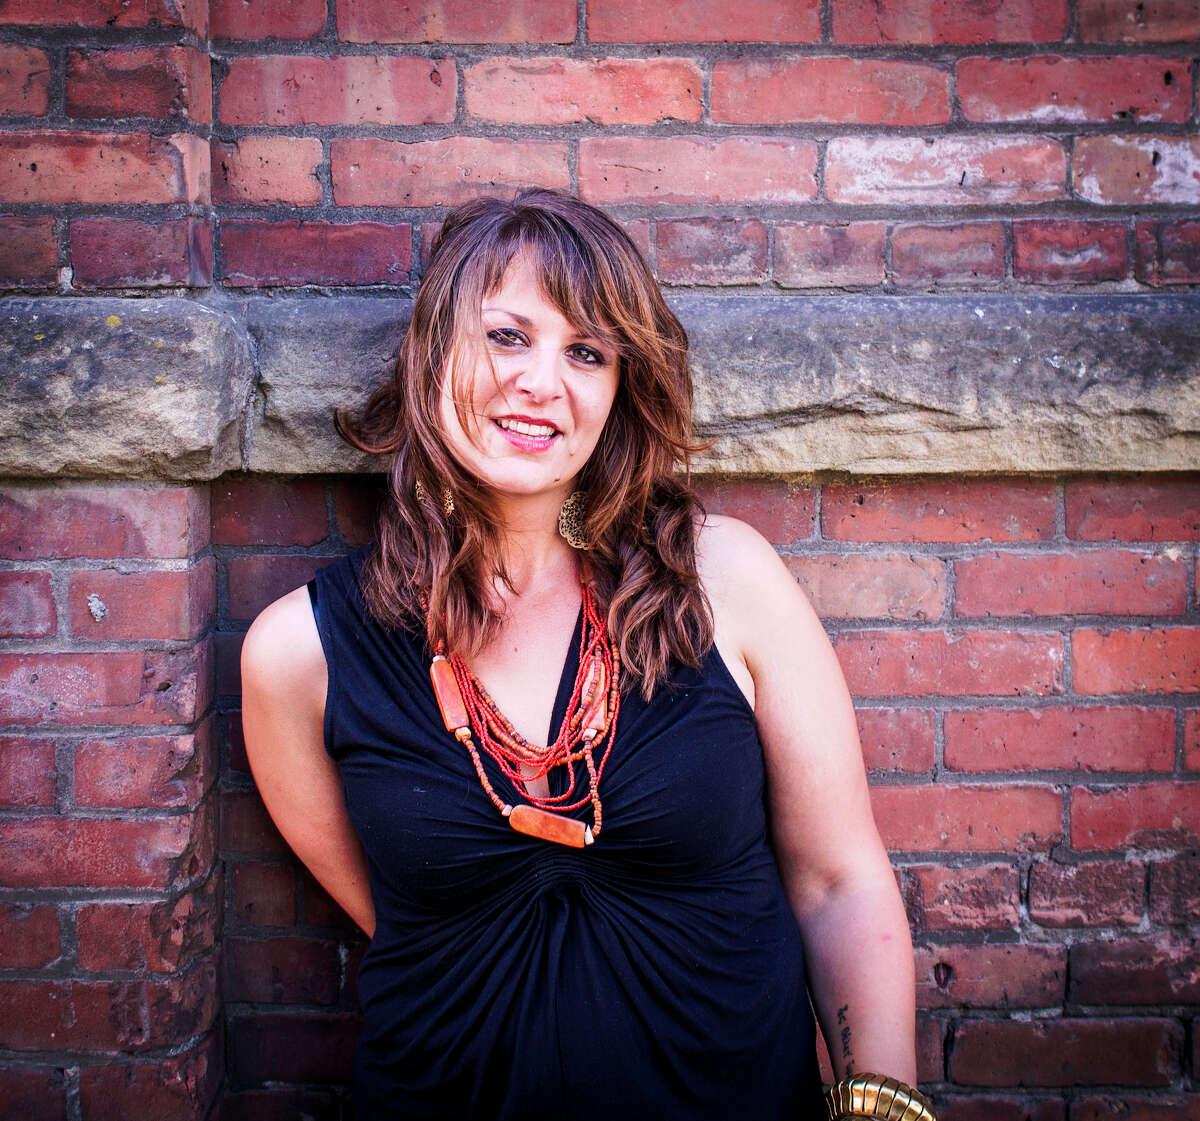 Megan Kruse